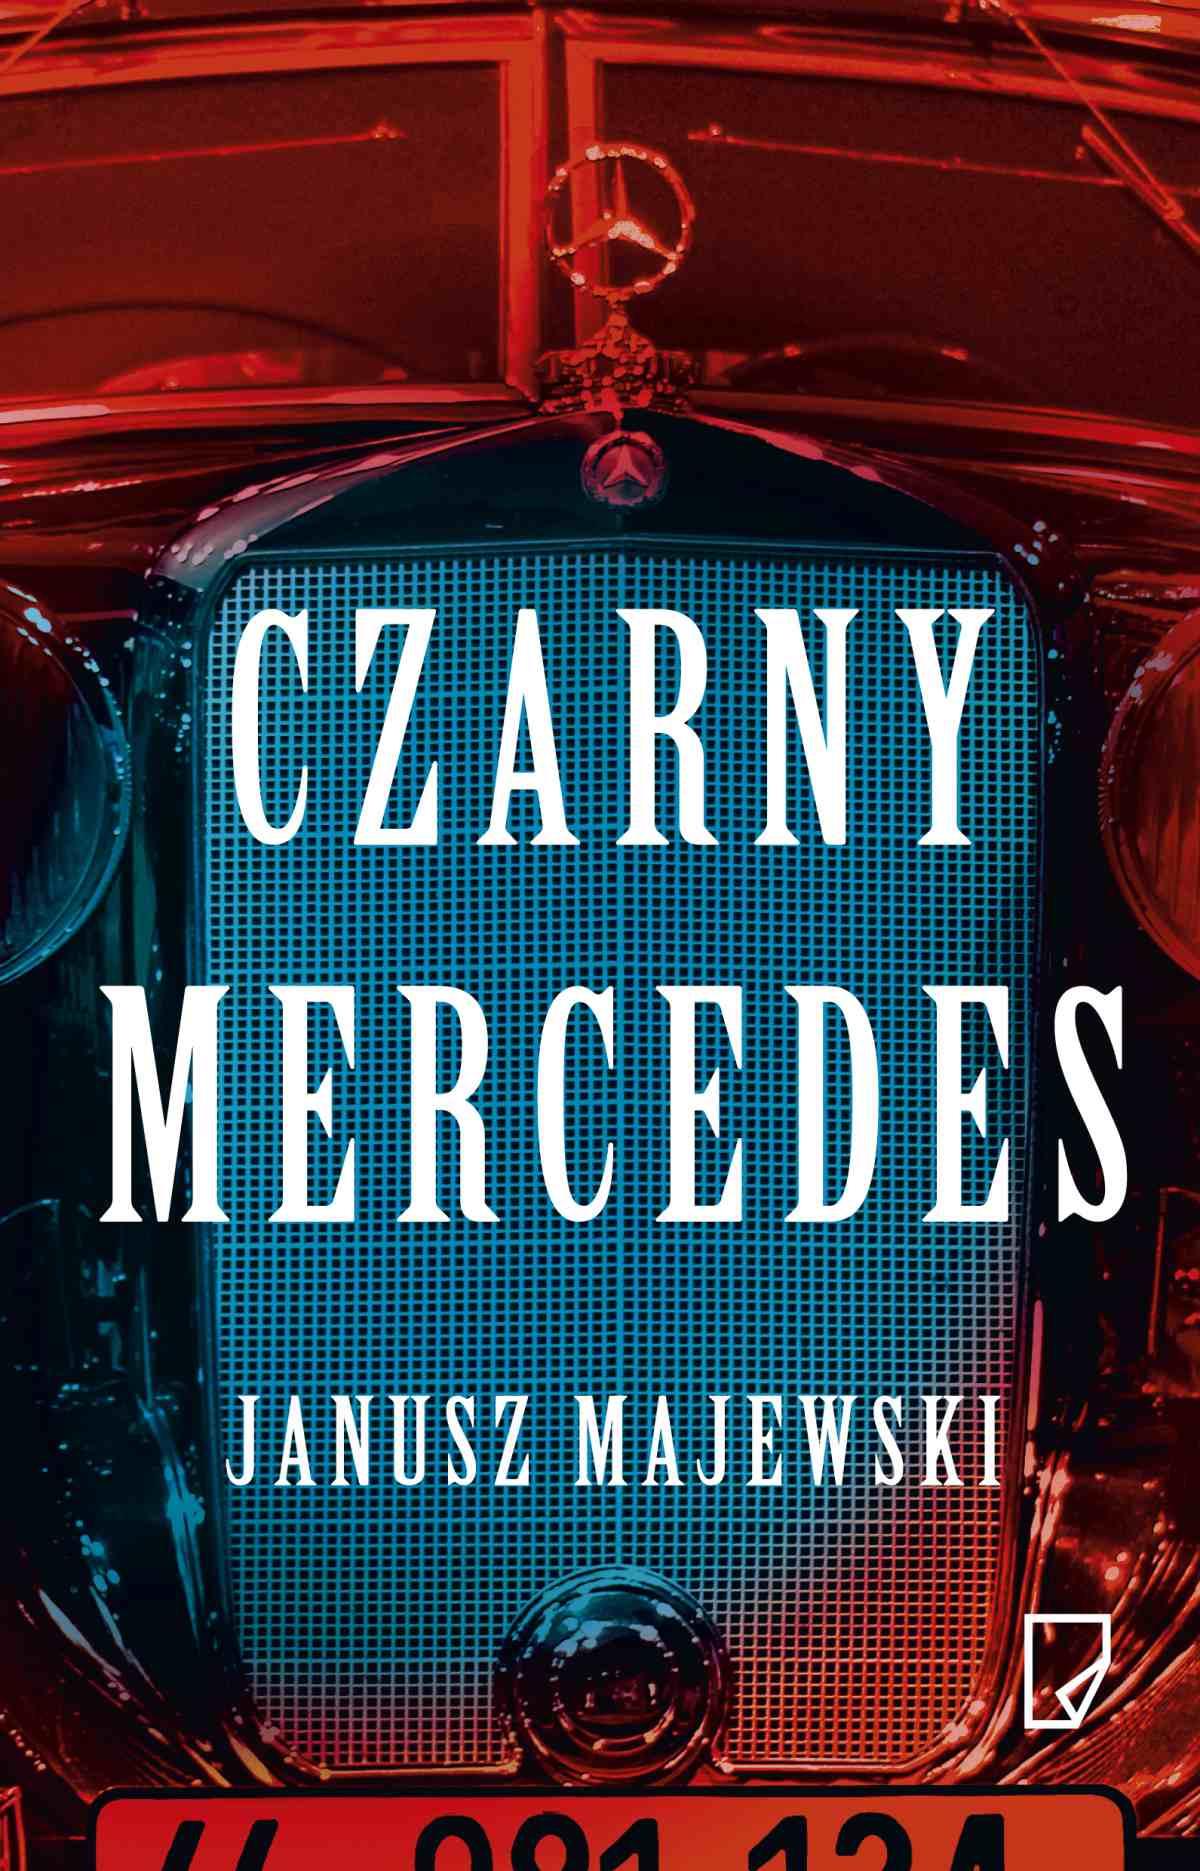 Czarny mercedes - Ebook (Książka na Kindle) do pobrania w formacie MOBI